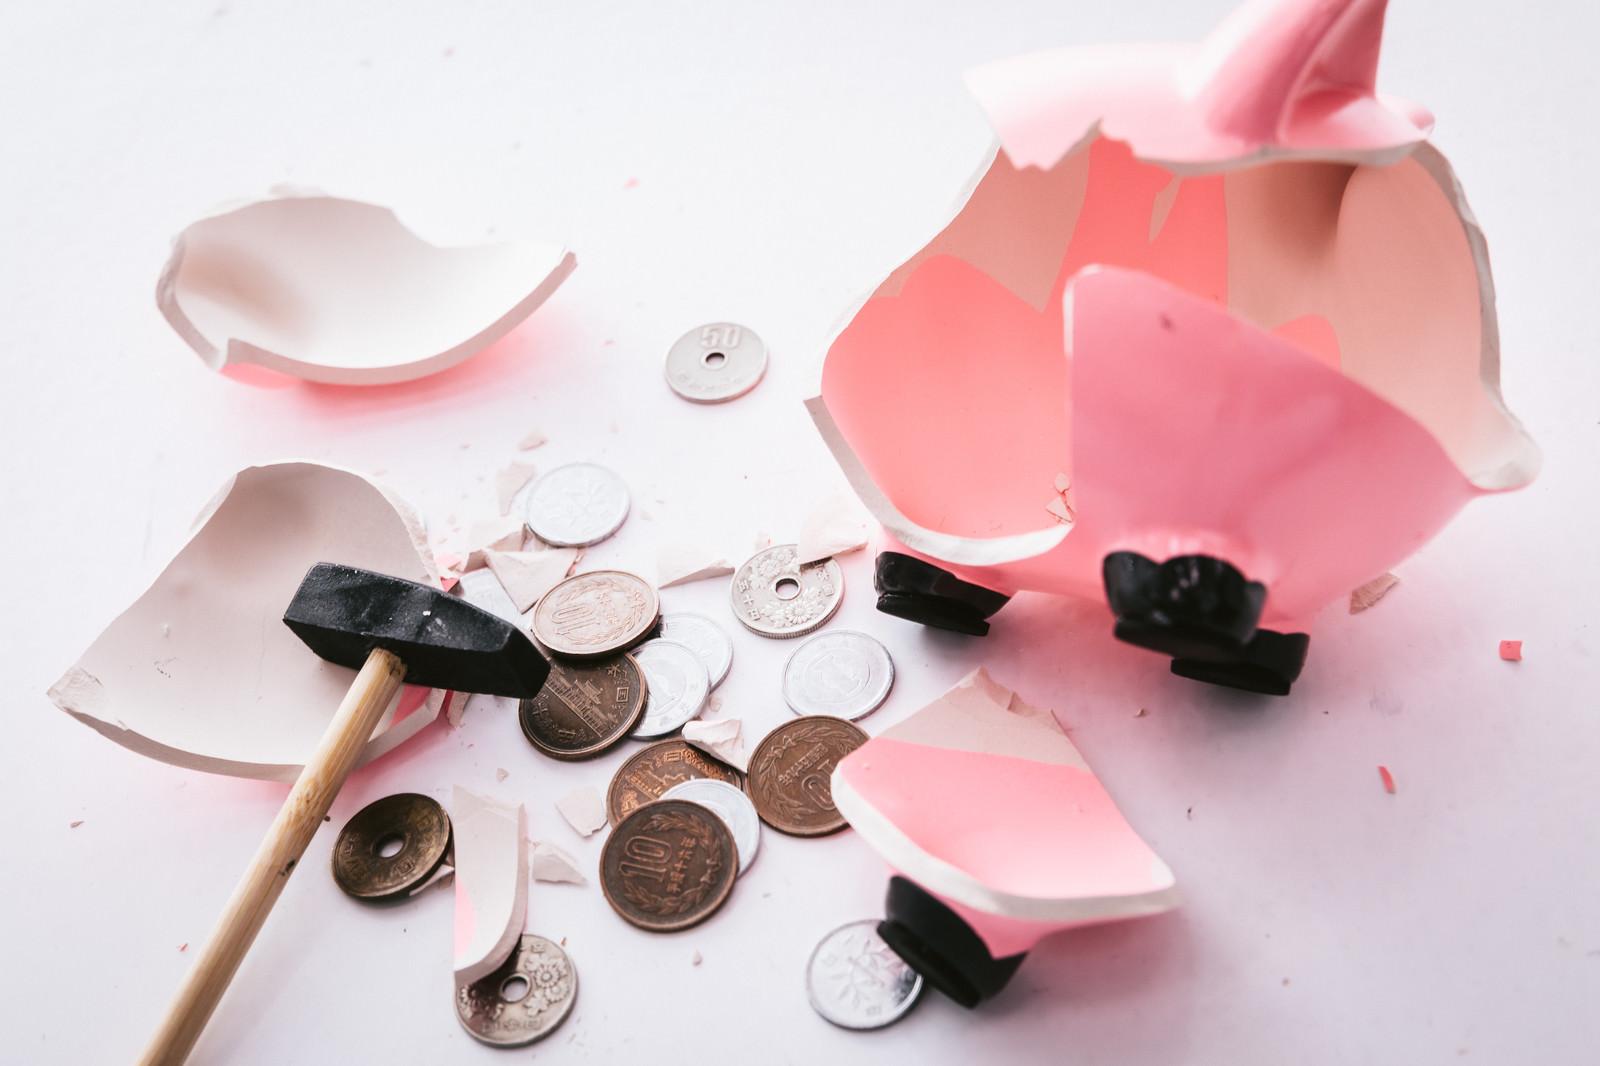 「せっかく貯金箱を壊したのに小銭だけだった」の写真